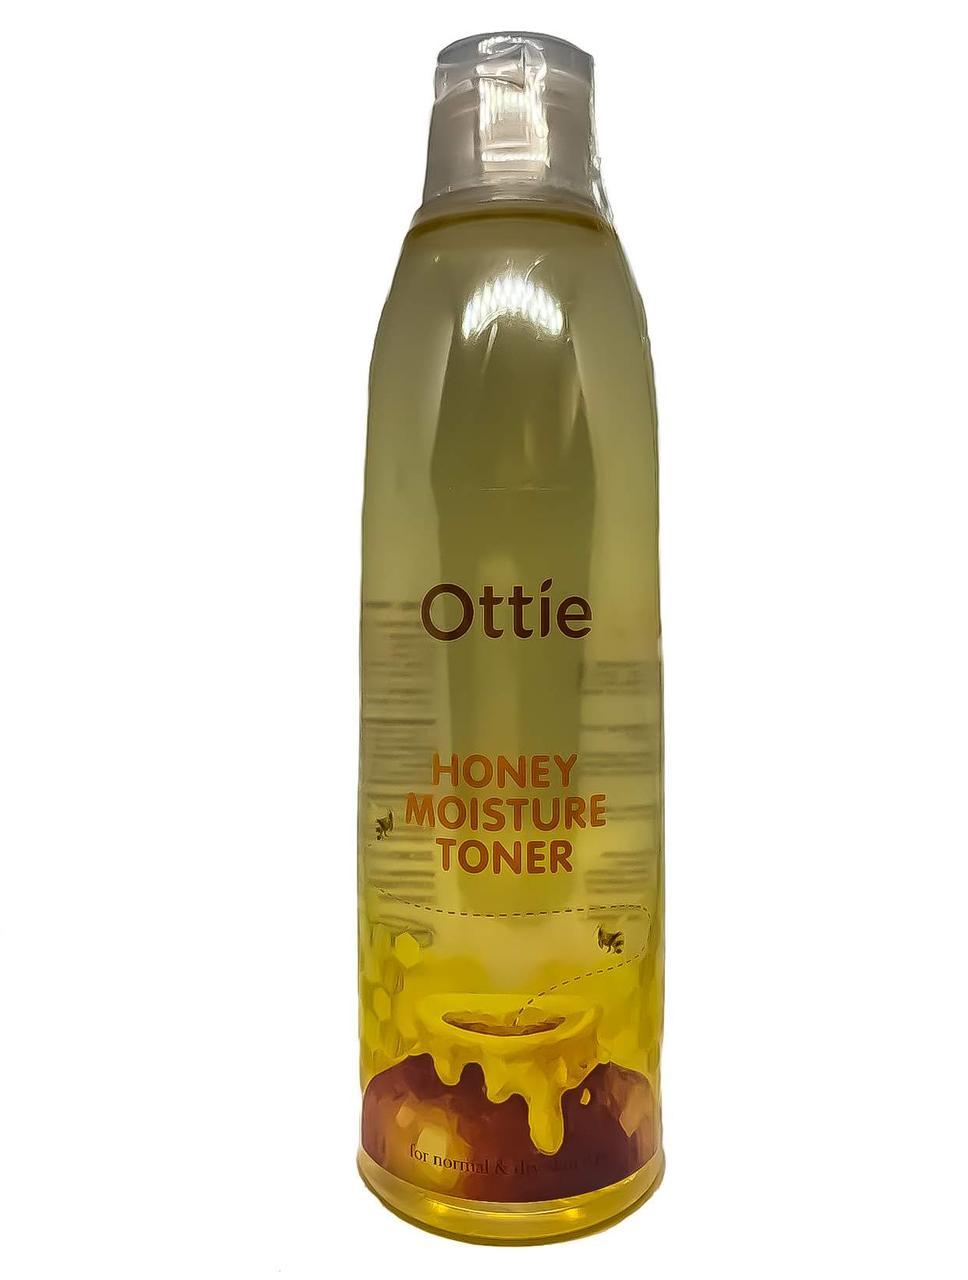 Увлажняющий тонер для лица с экстрактом меда Ottie Honey Moisture toner